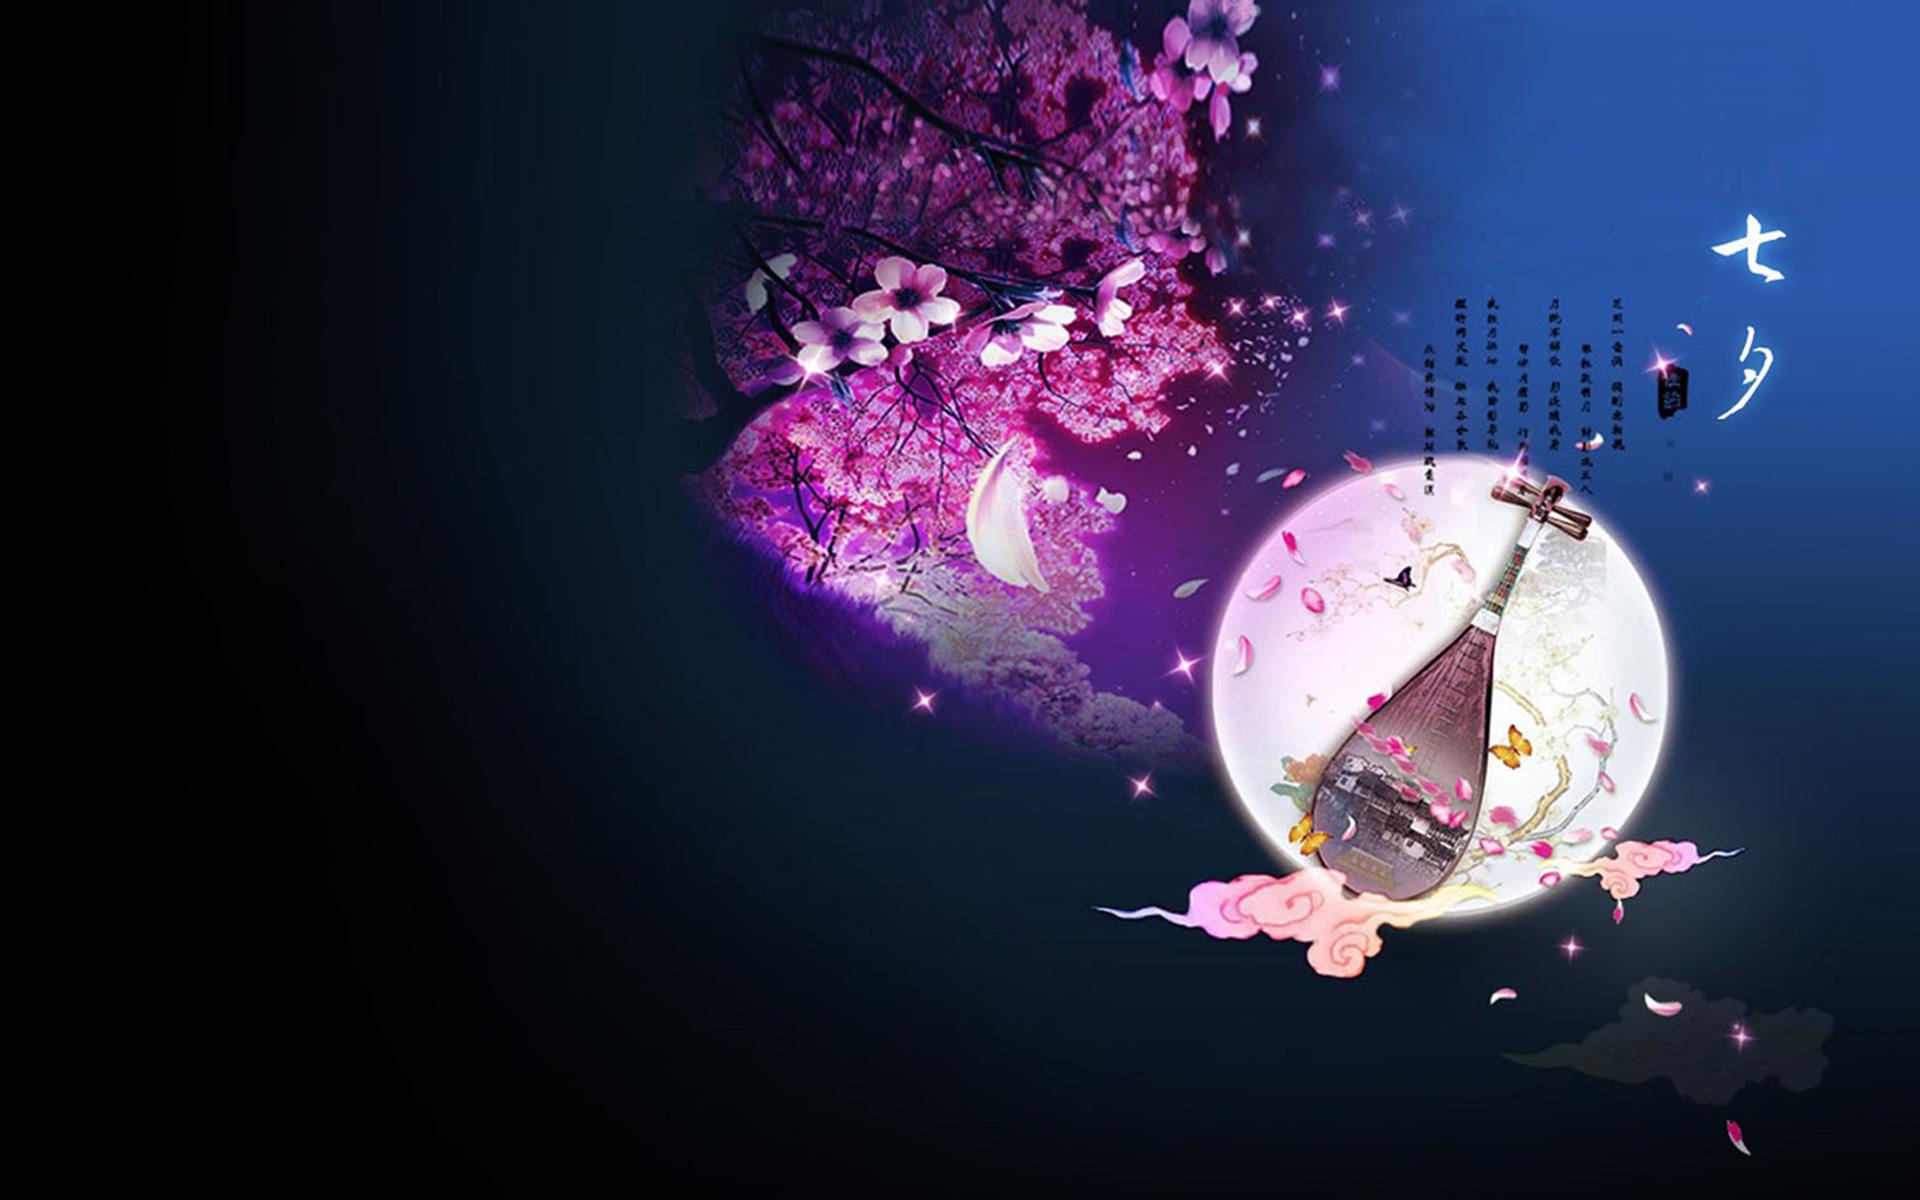 古典唯美七夕PPT背景图片免费下载是由PPT宝藏(www.pptbz.com)会员zengmin上传推荐的节日PPT背景图片, 更新时间为2016-10-16,素材编号106244。 七夕节,又名乞巧节、七巧节或七姐诞,发源于中国,是华人地区以及东亚各国的传统节日,该节日来自于牛郎与织女的传说,在农历七月初七庆祝(日本在明治维新后改为阳历7月7日)。因为此日活动的主要参与者是少女,而节日活动的内容又是以乞巧为主,所以人们称这天为乞巧节或少女节、女儿节。 七夕节的来历与民间流传的牛郎与织女的故事有